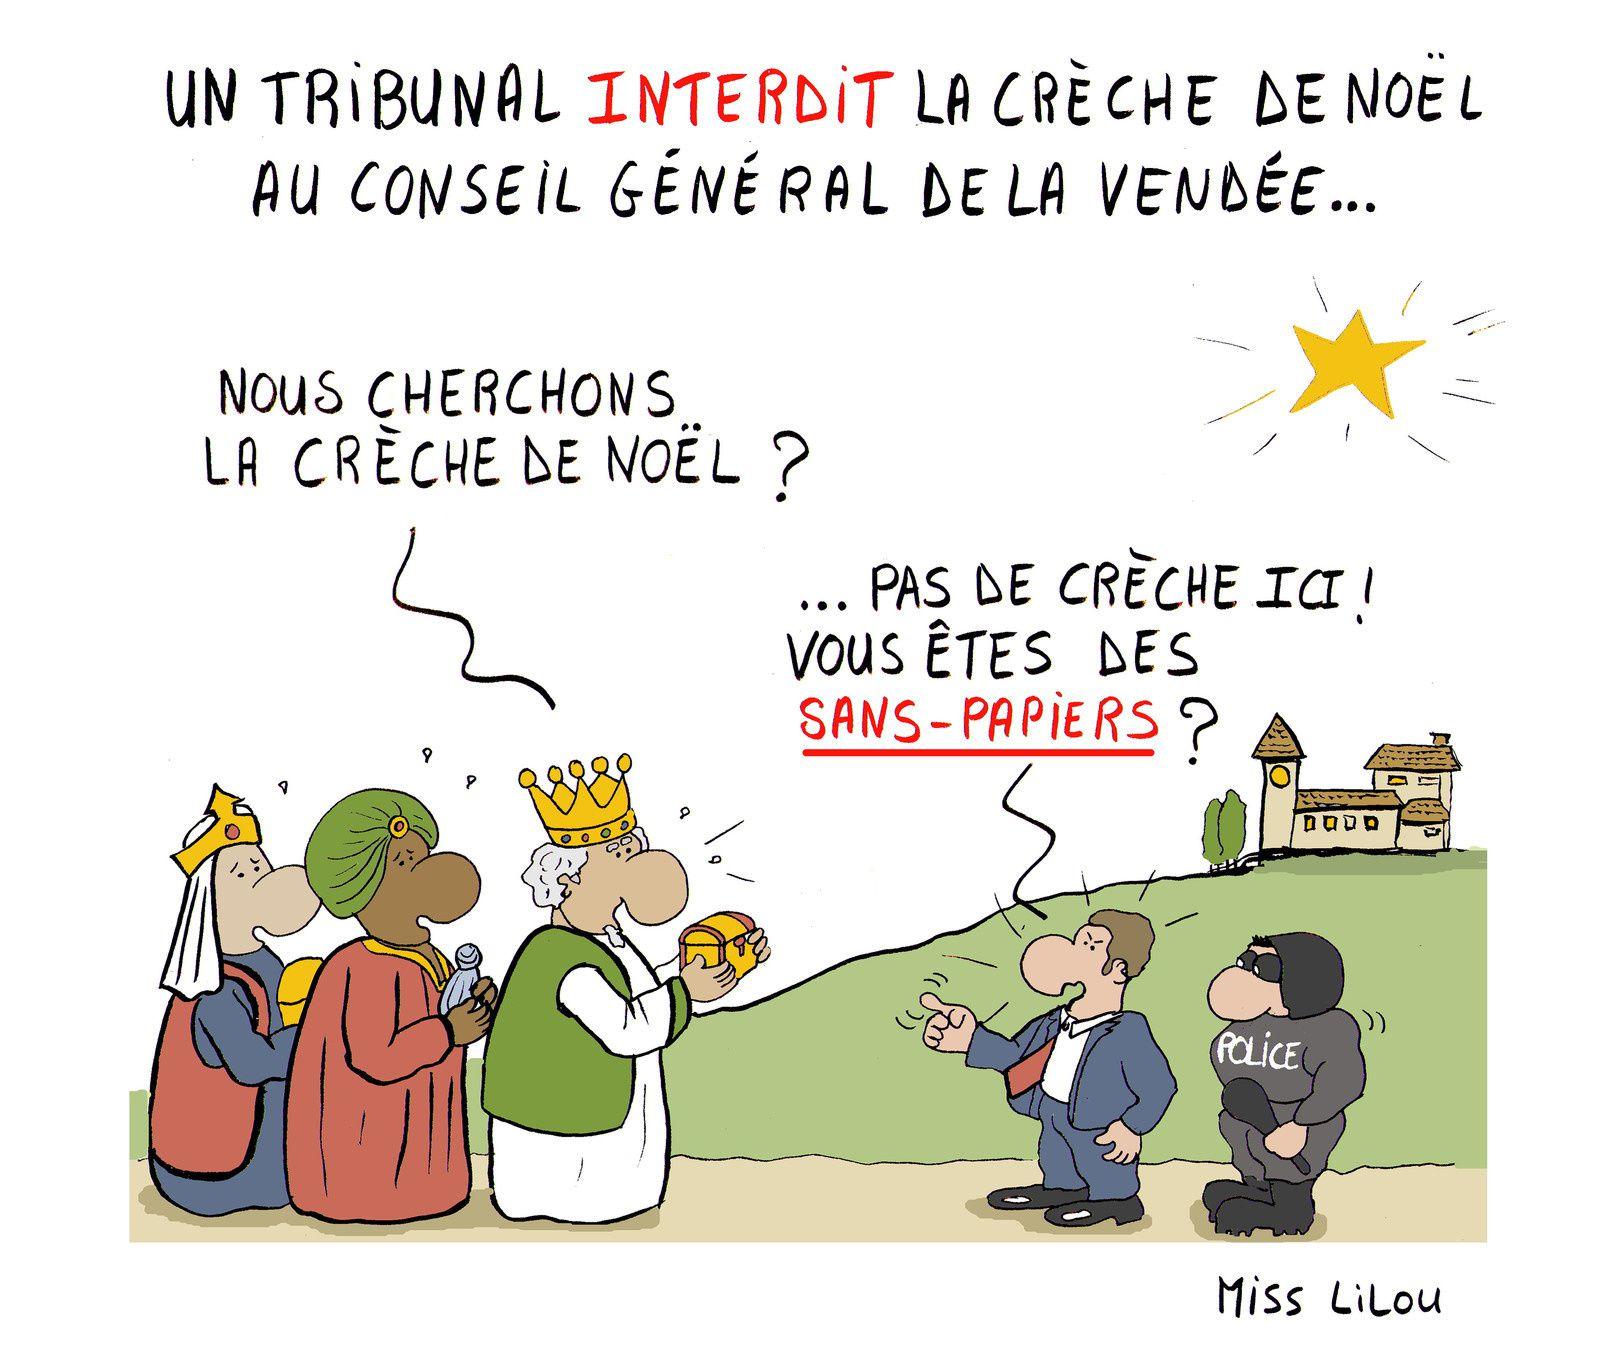 UN TRIBUNAL INTERDIT LA CRÈCHE DE NOEL AU CONSEIL GÉNÉRAL DE VENDÉE...